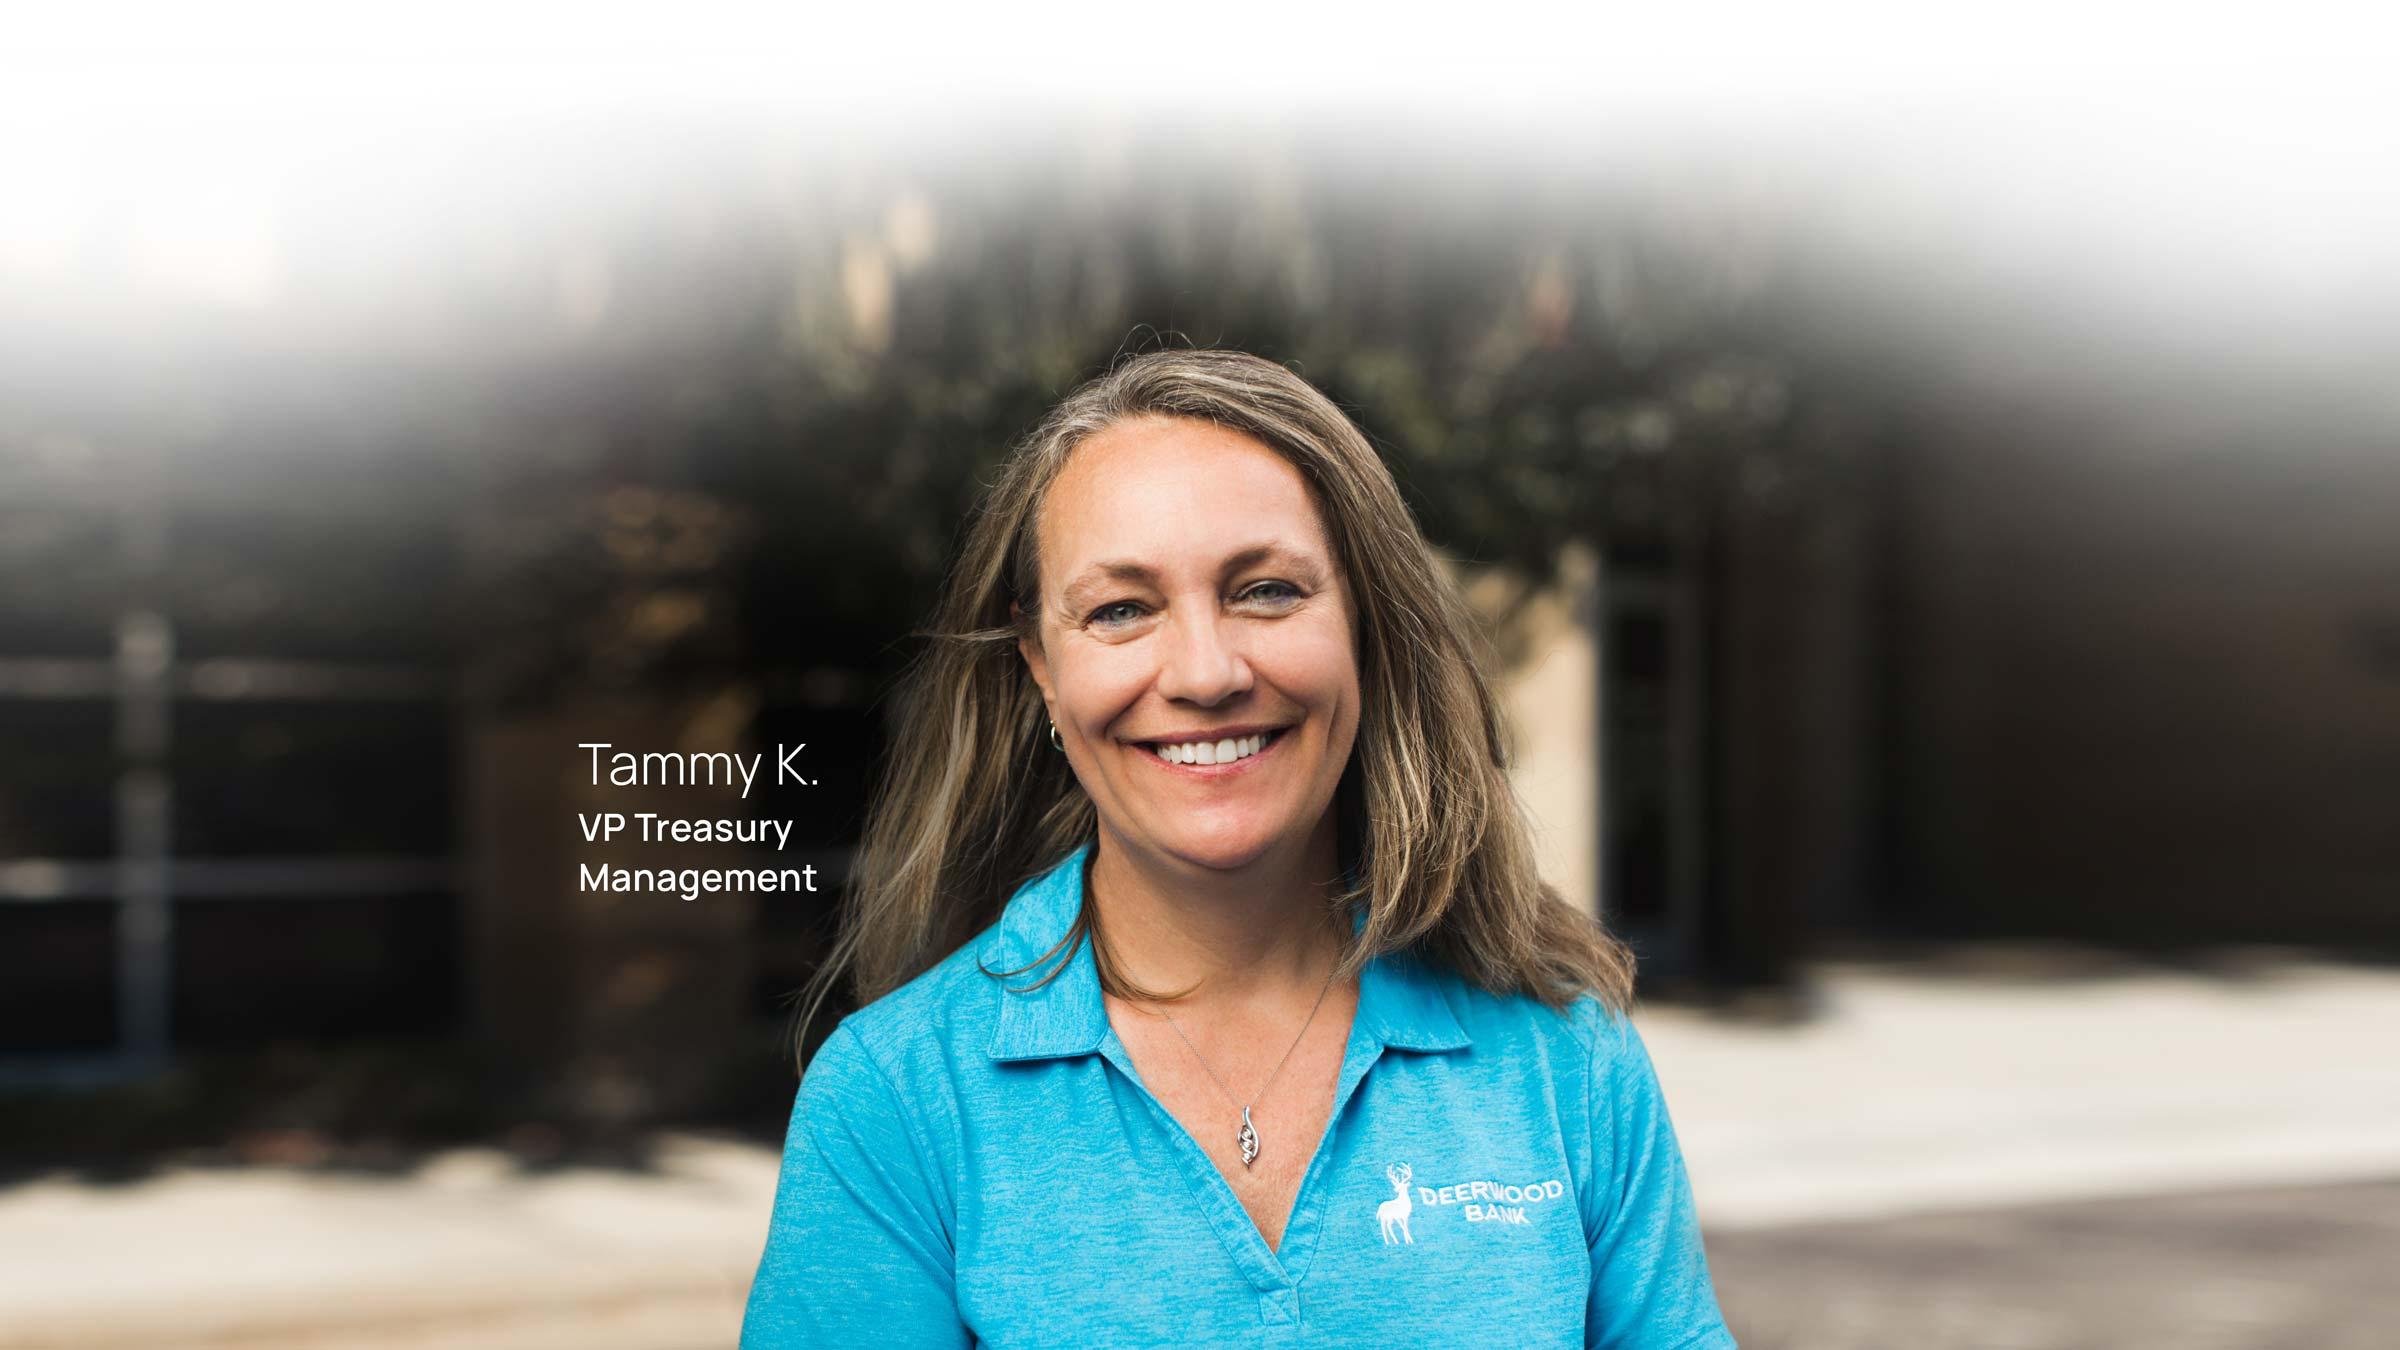 tammy k. VP of Treasury Management